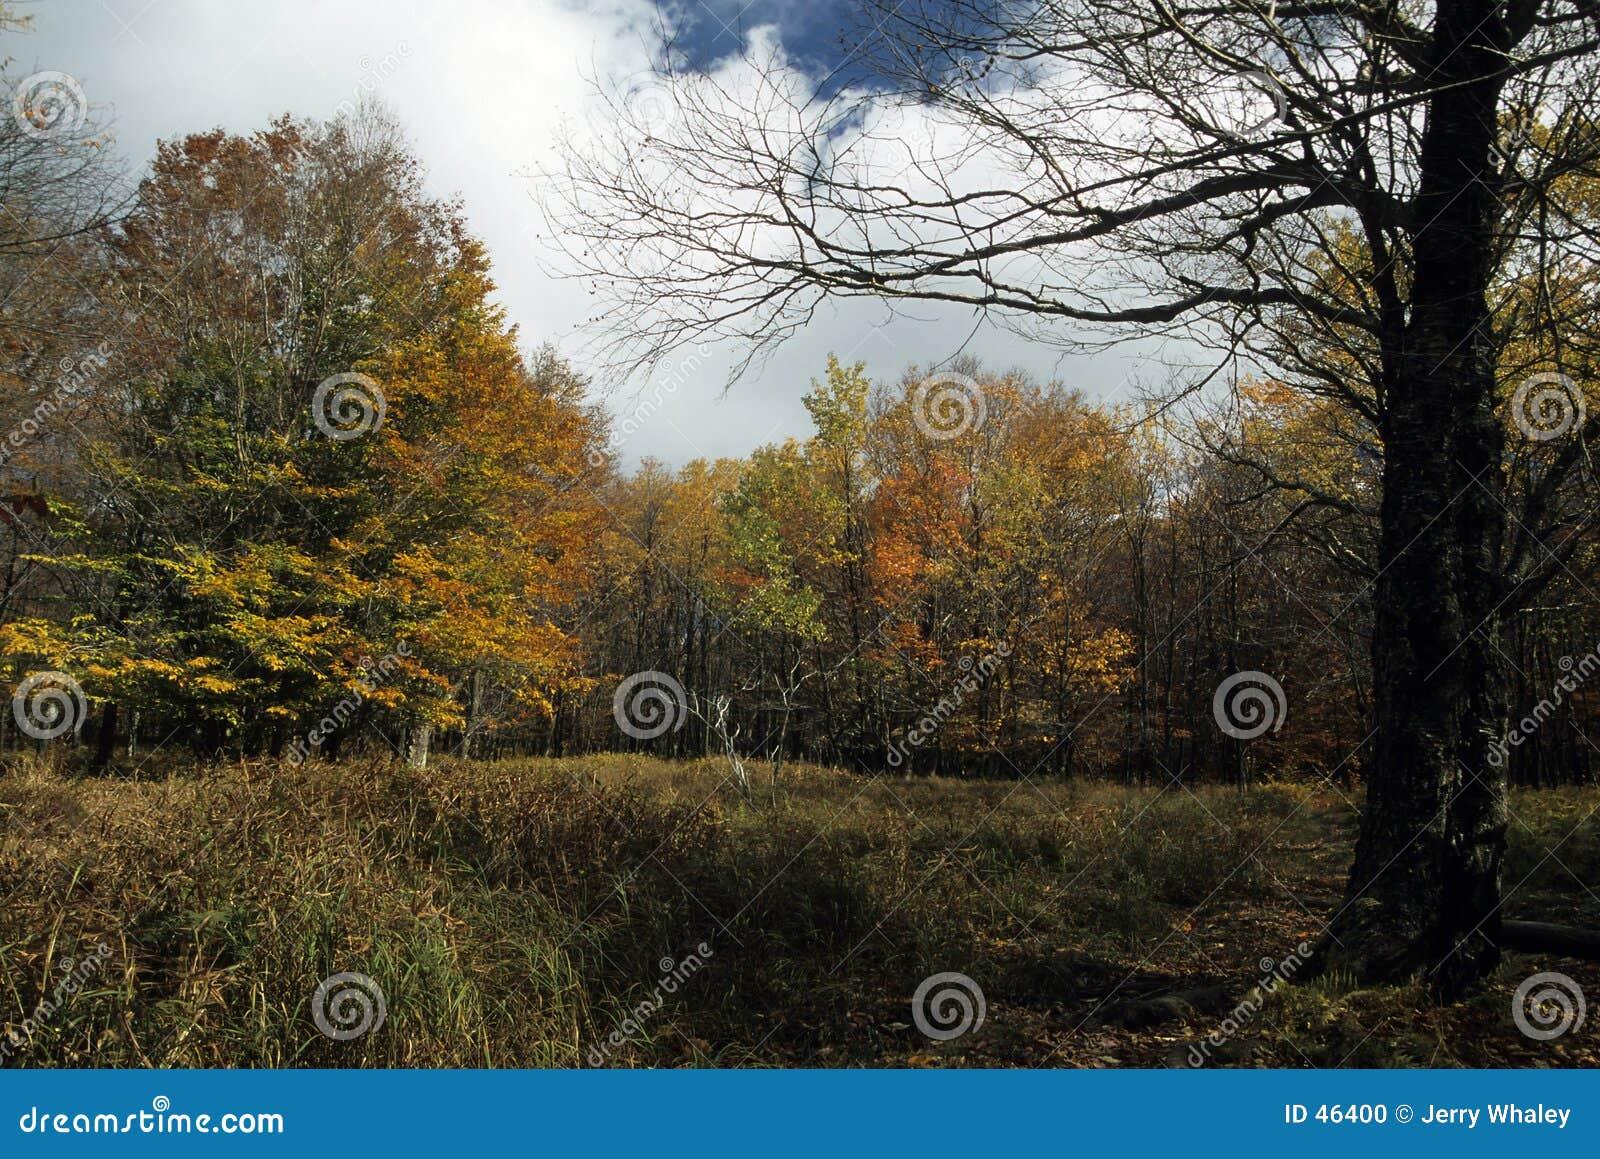 秋天移动式摄影车风景草皮